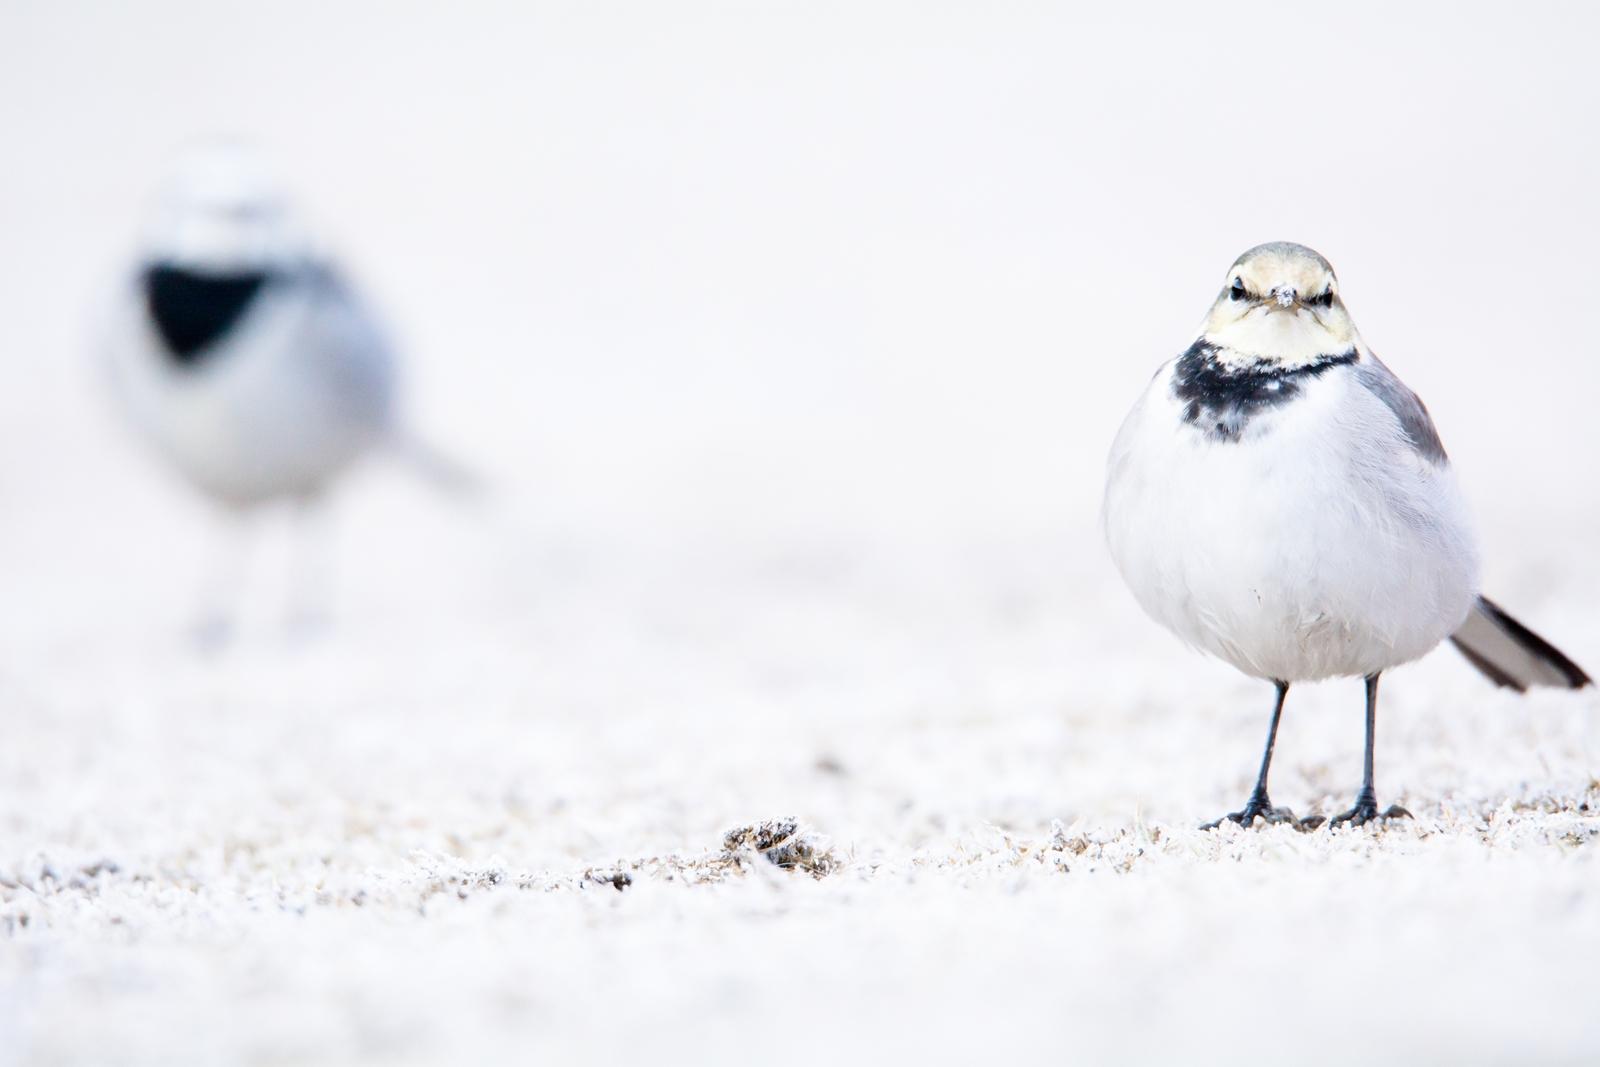 """Photo: """"ずっと一緒だよ"""" """"I'll always be with you""""  君のそばには僕がいて 僕のそばには君がいる それがとても自然なことで きっとこれからもいつまでも """"ずっと一緒だよ""""  White Wagtail. (ハクセキレイ)  #cooljapan #365cooljapanmay  #birdphotography #birds  #sigma #kawaii  #JPCOGallerySpring2015 #日本の写真文化を海外へ  Nikon D7100 SIGMA 150-600mm F5-6.3 DG OS HSM Sports [ Day284, February 20th ] (2枚追加:Added 2 photo)  ★グループ写真展開催中です。 『JPCO Gallery Spring 2015 / 日本の写真文化を海外へ』  ・在廊予定日 21(土) : 14:00~19:00 22(日) : 13:00~16:00 (最終日)  土日はトークイベントも開催され 明日21日は自分も少し 小鳥を通して伝えたいことについて 語らせていただく予定です。 今回は録画も行わない形になりますので、 興味のある方はぜひ聞きに来てください♪  写真展につきましては下記URLを参照してください。 < http://islandgallery.jp/10839 >  トークイベント『PET Talk 2015』 < http://islandgallery.jp/10932 >  小鳥の詩朗読 http://youtu.be/0QAodfgHKGk?list=PL2YtHGm0-R3qVsaqvQe9OYdJFCkI98wzF"""